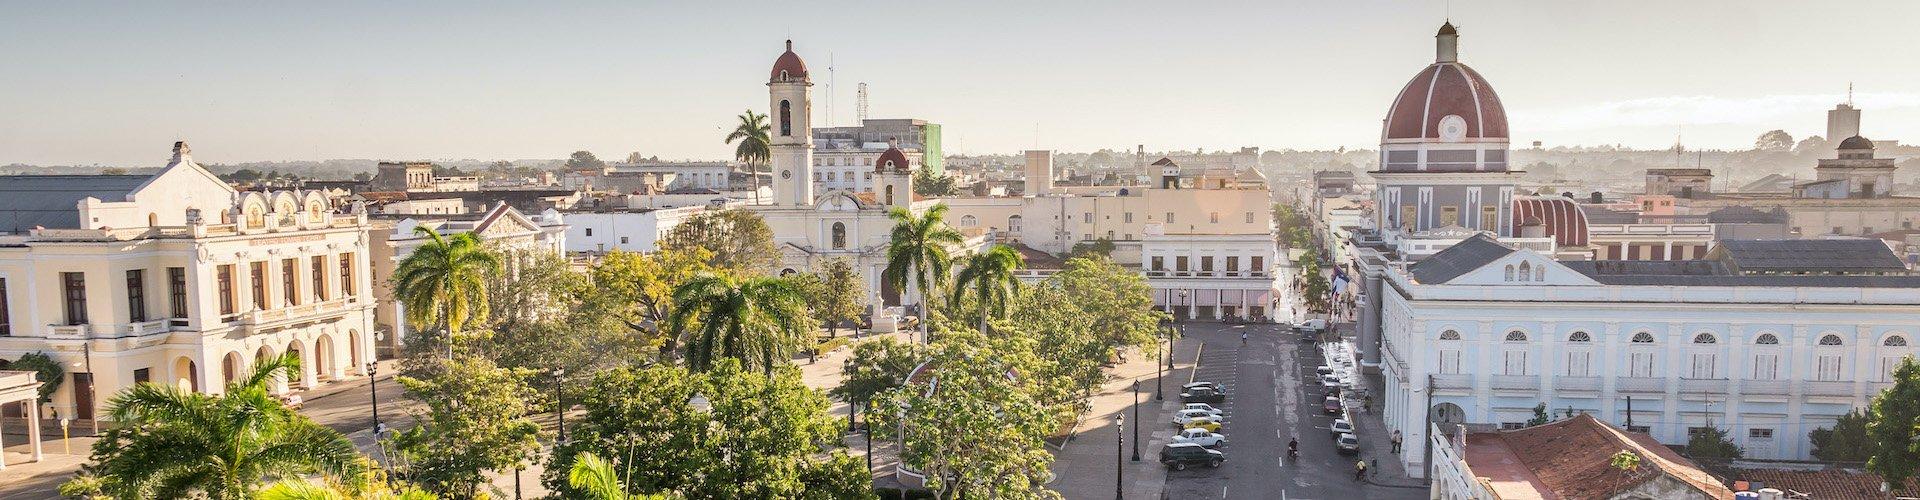 Ausflugsziel Cienfuegos